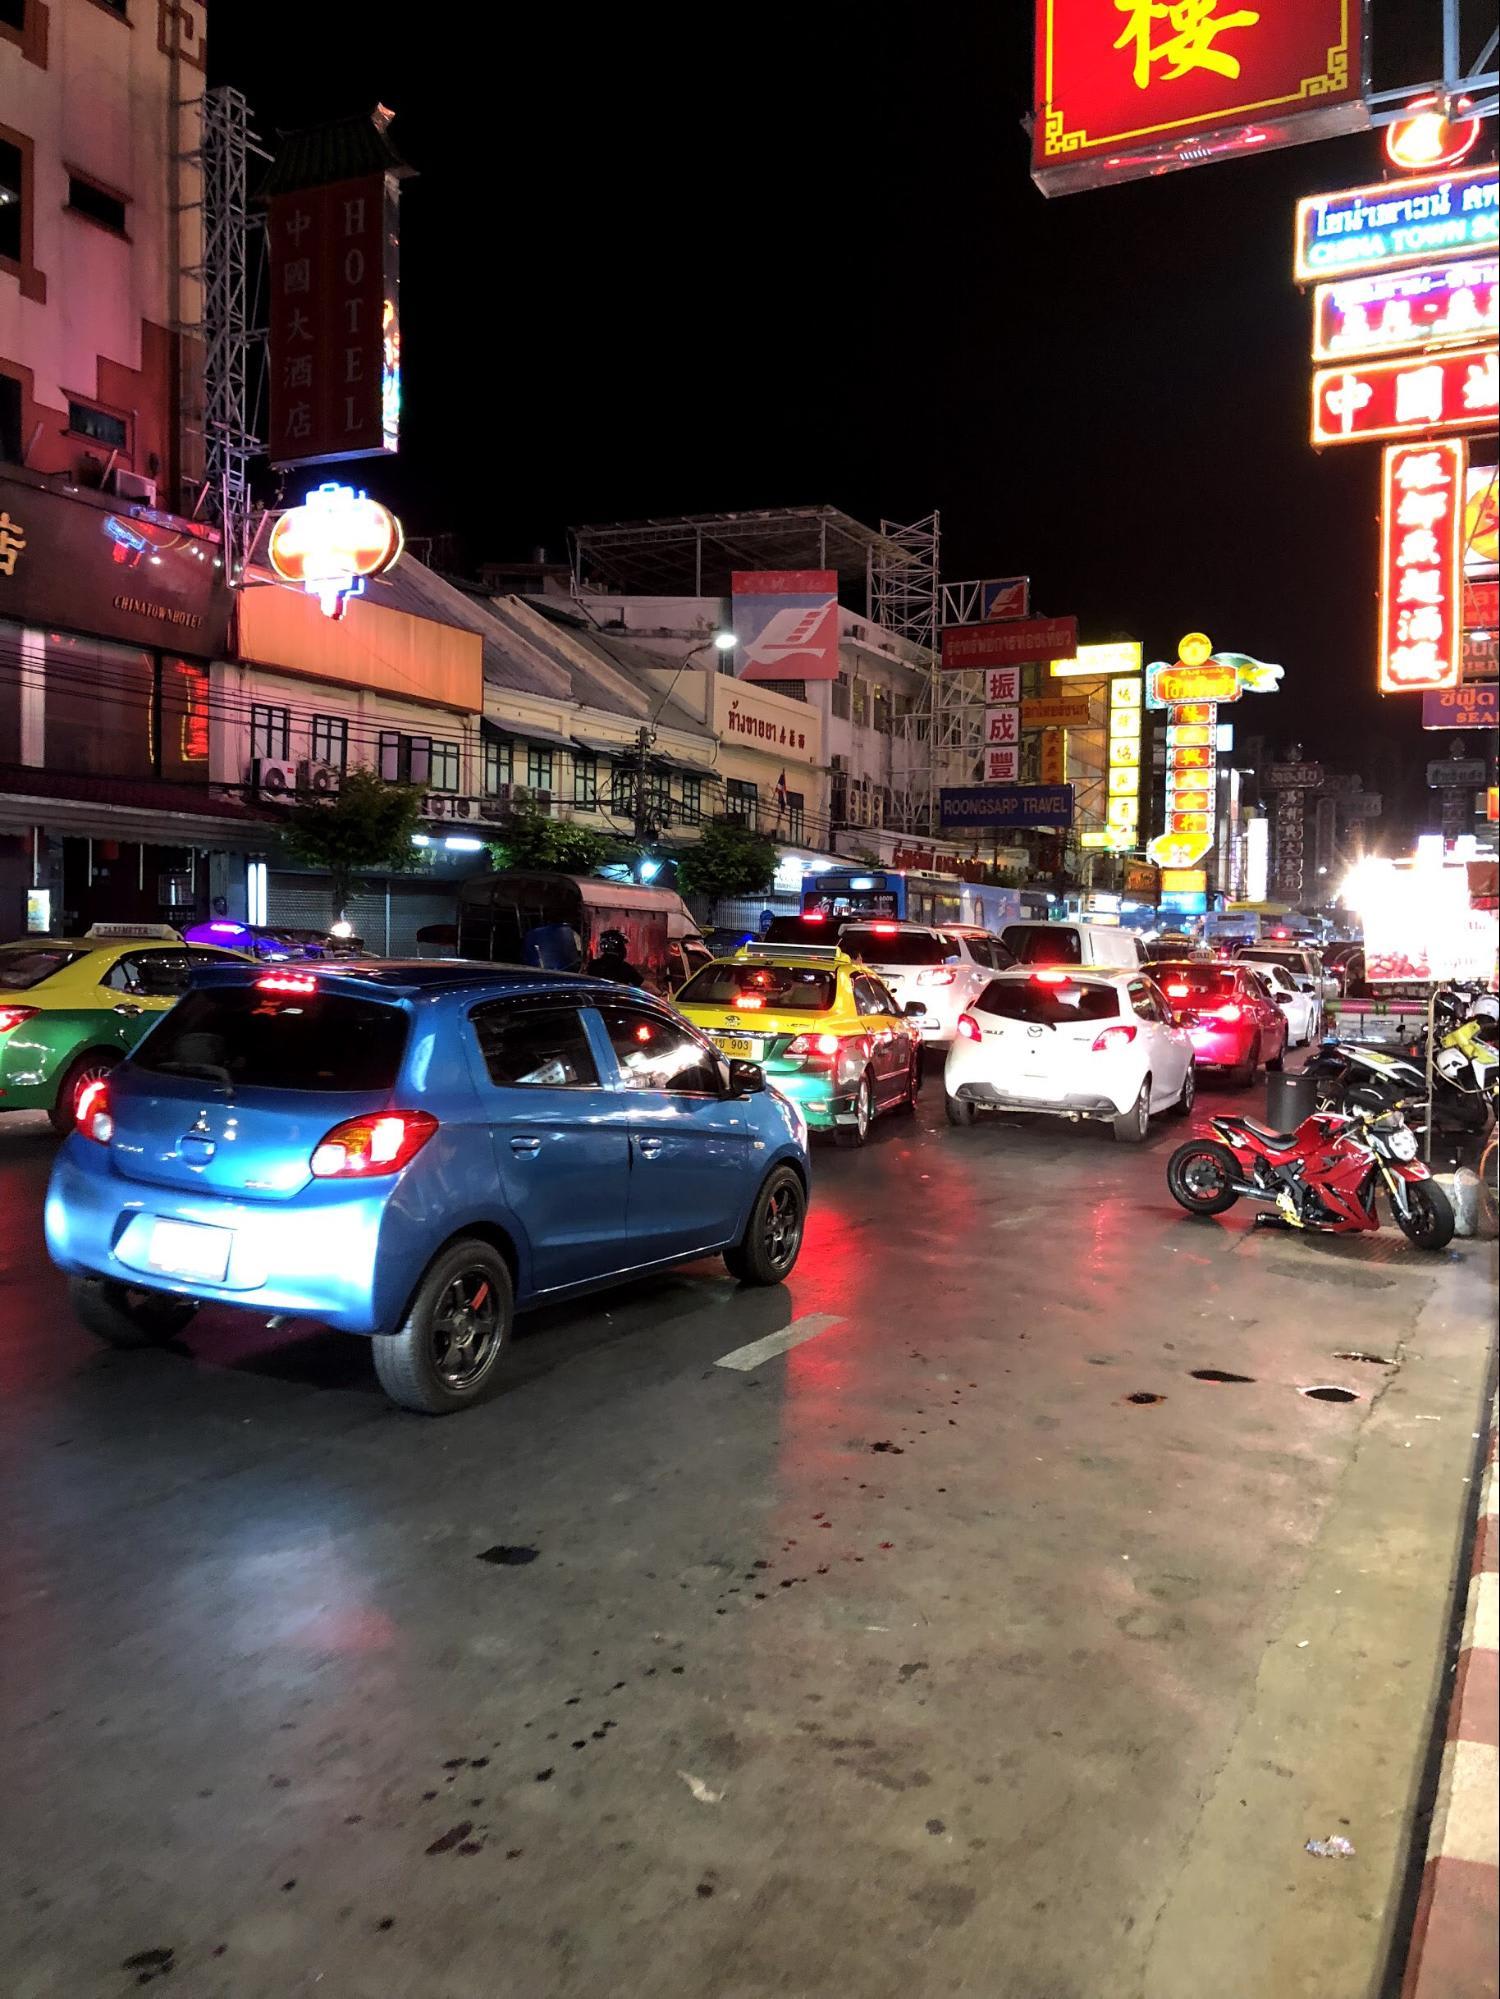 đường phố china town đêm